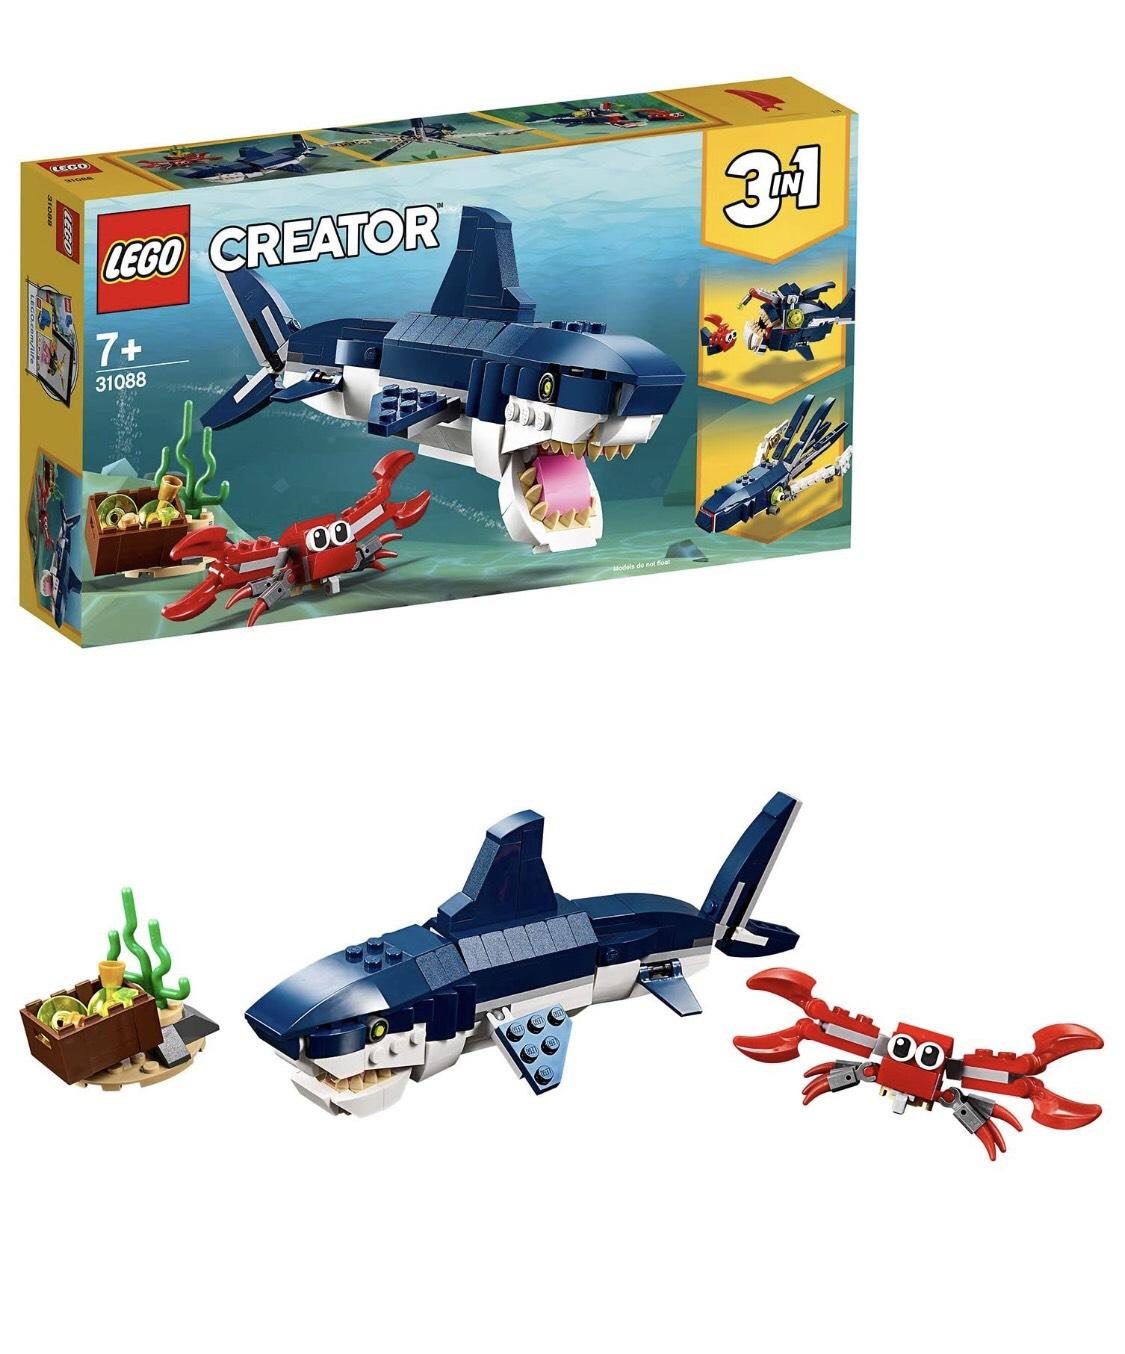 [amazon prime] LEGO Creator 31088 - Bewohner der Tiefsee mit Hai, Krabbe und Schatztruhe